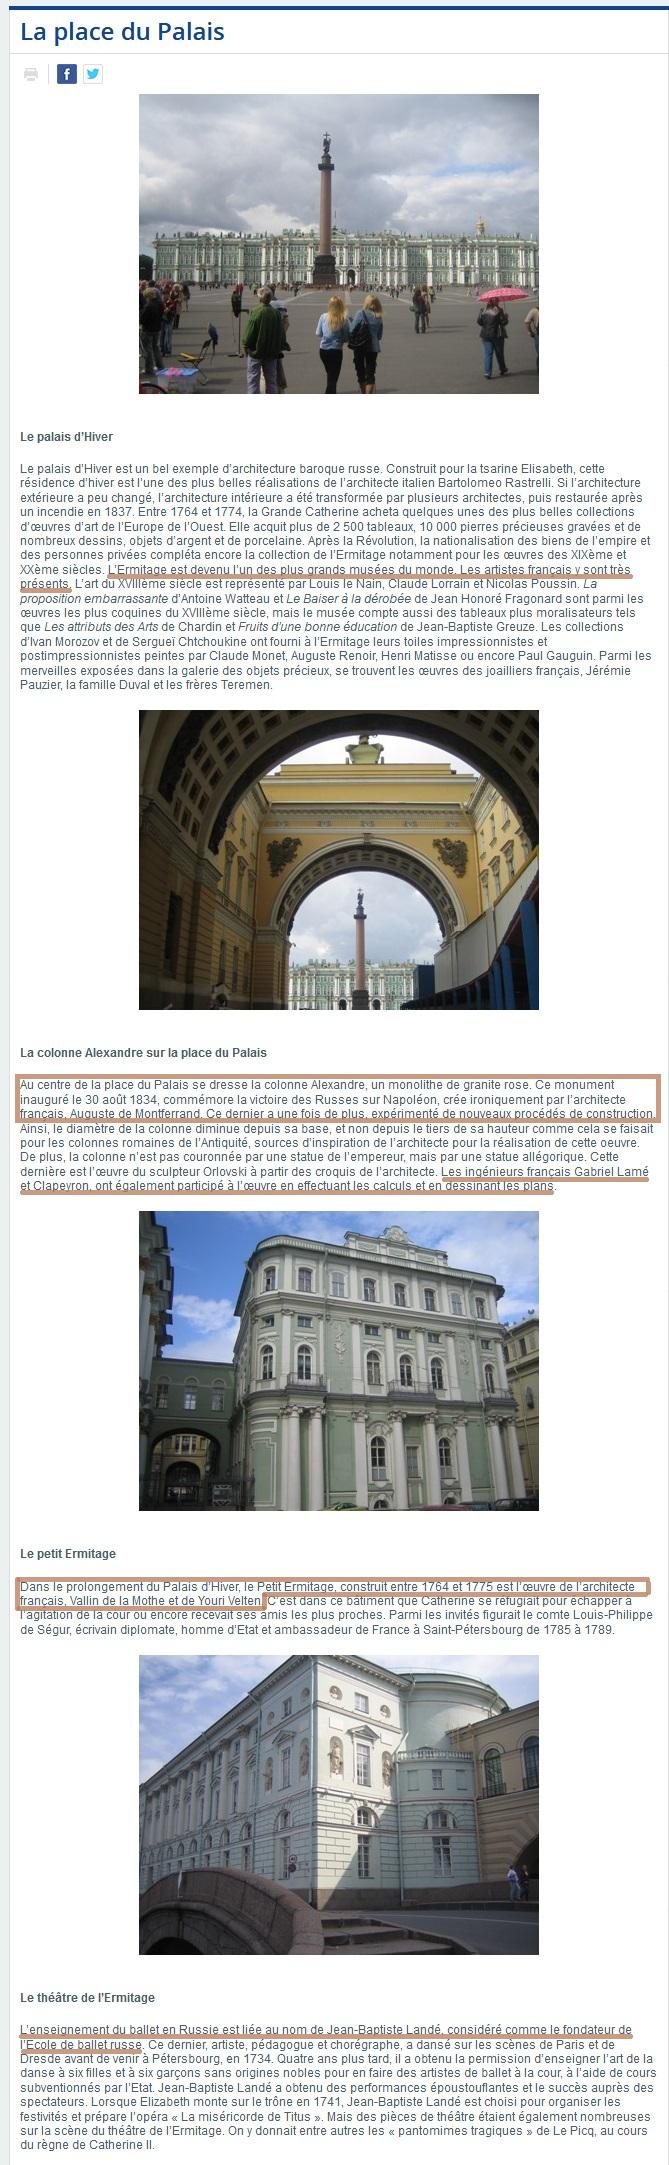 Saint-Pétersbourg, l'itinéraire français Ambafrance_La place du Palais.jpg